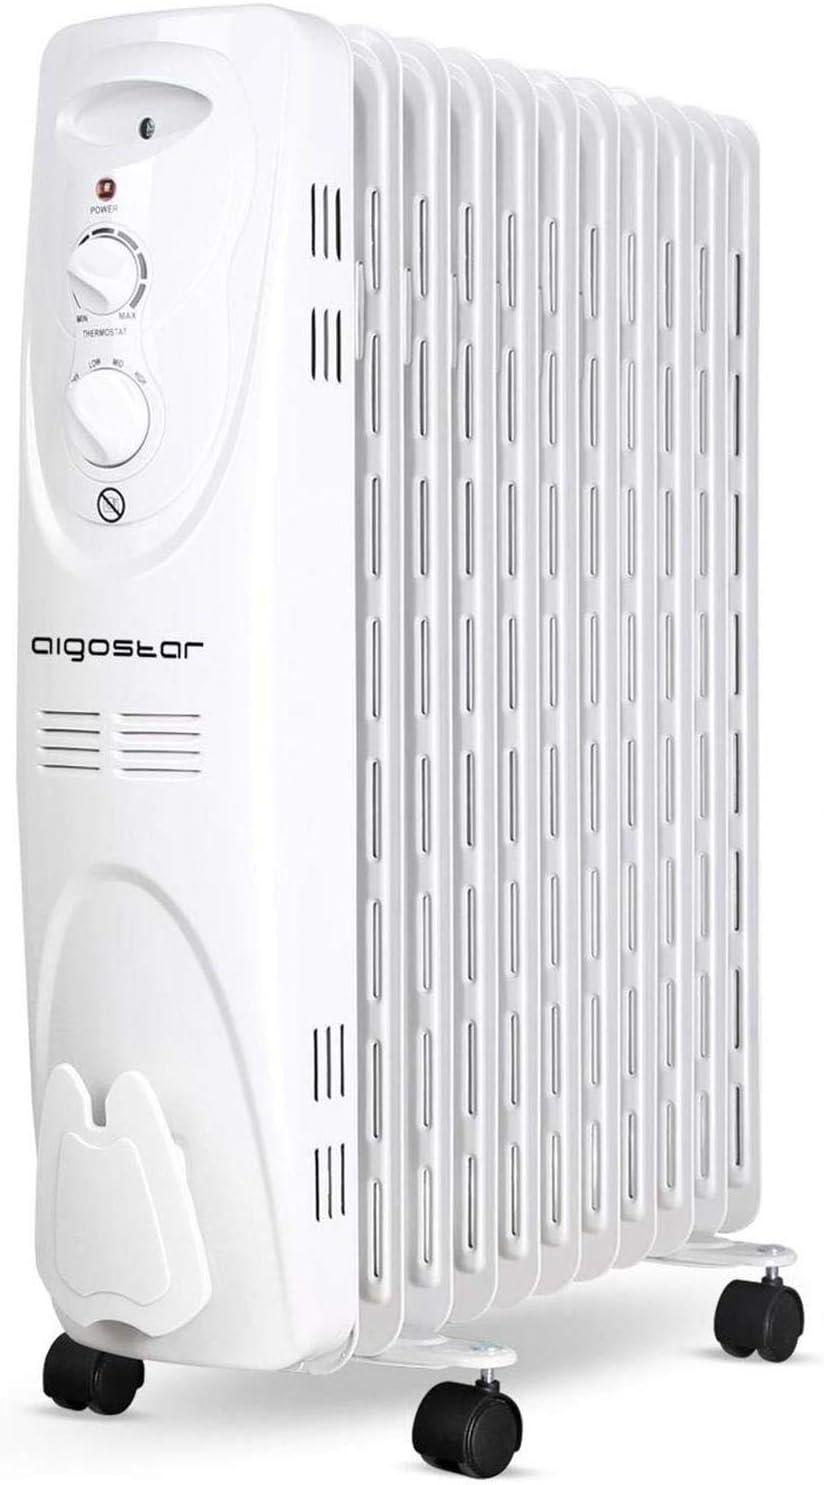 Aigostar 33IEJ – Radiador de aceite de 11 elementos, 2300 Watios, dispone de 3 ajustes de potencia y control termostático de temperatura.